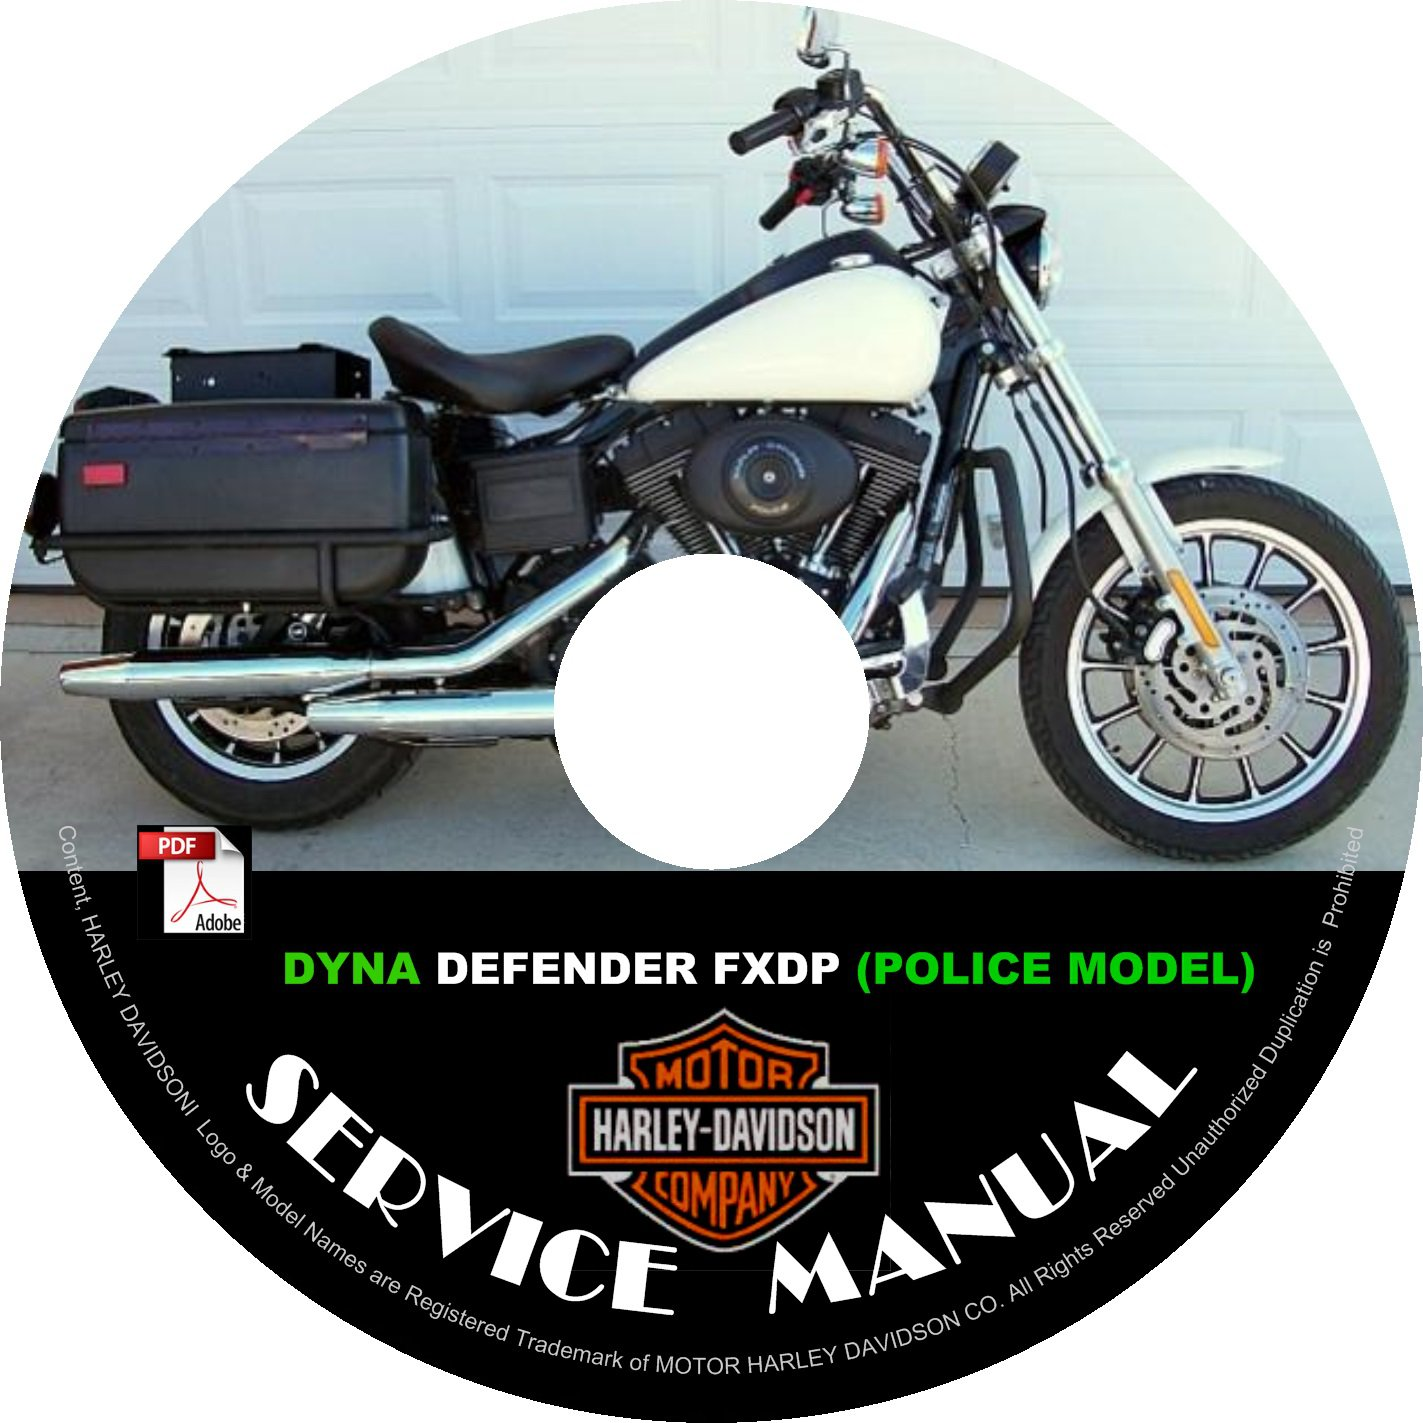 1999 Harley Davidson DYNA DEFENDER FXDP POLICE Service Repair Shop Manual on CD Fix Rebuild Workshop